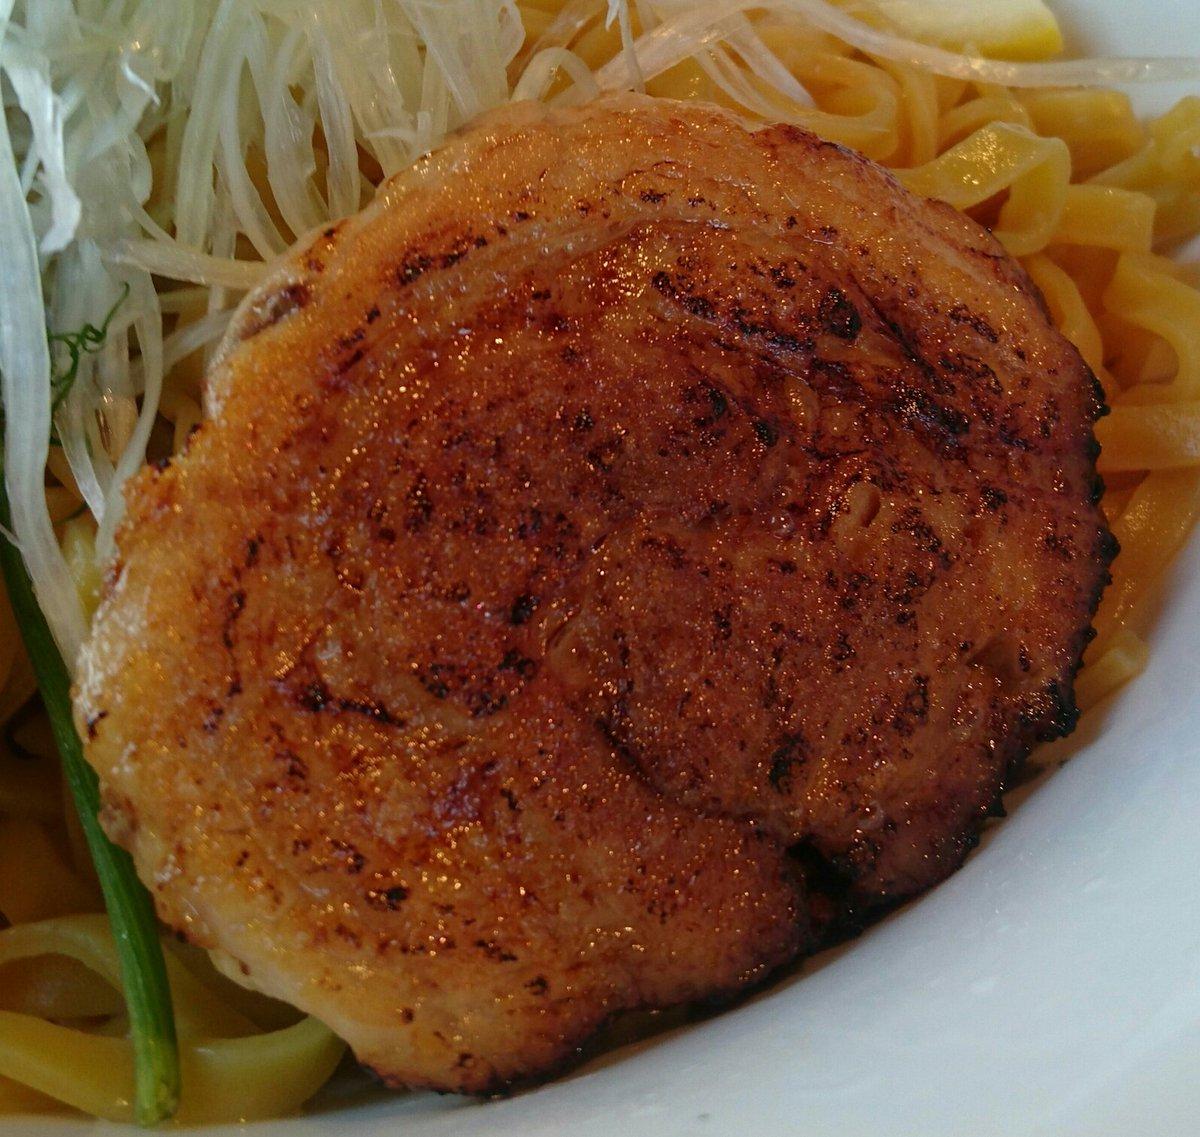 綱取物語 白石店(札幌市白石区) 「アンチョビつけ麺」  アンチョビの風味と苦味を楽しめる塩つけ麺